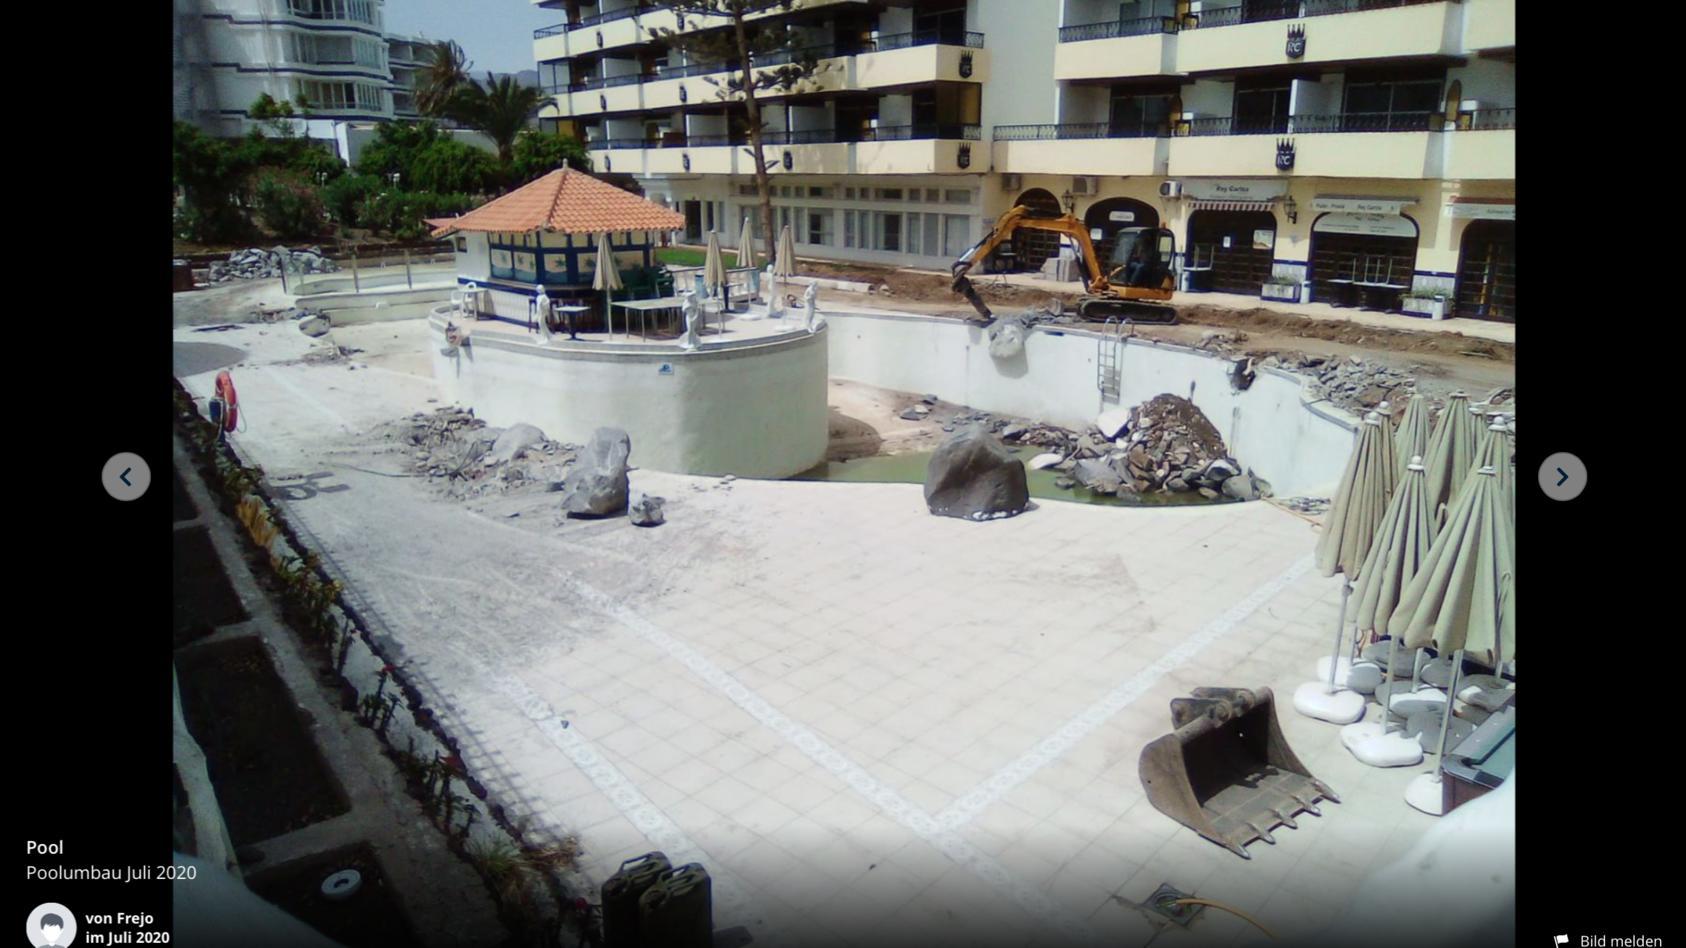 Der Pool hat sich in eine Baustelle verwandelt.